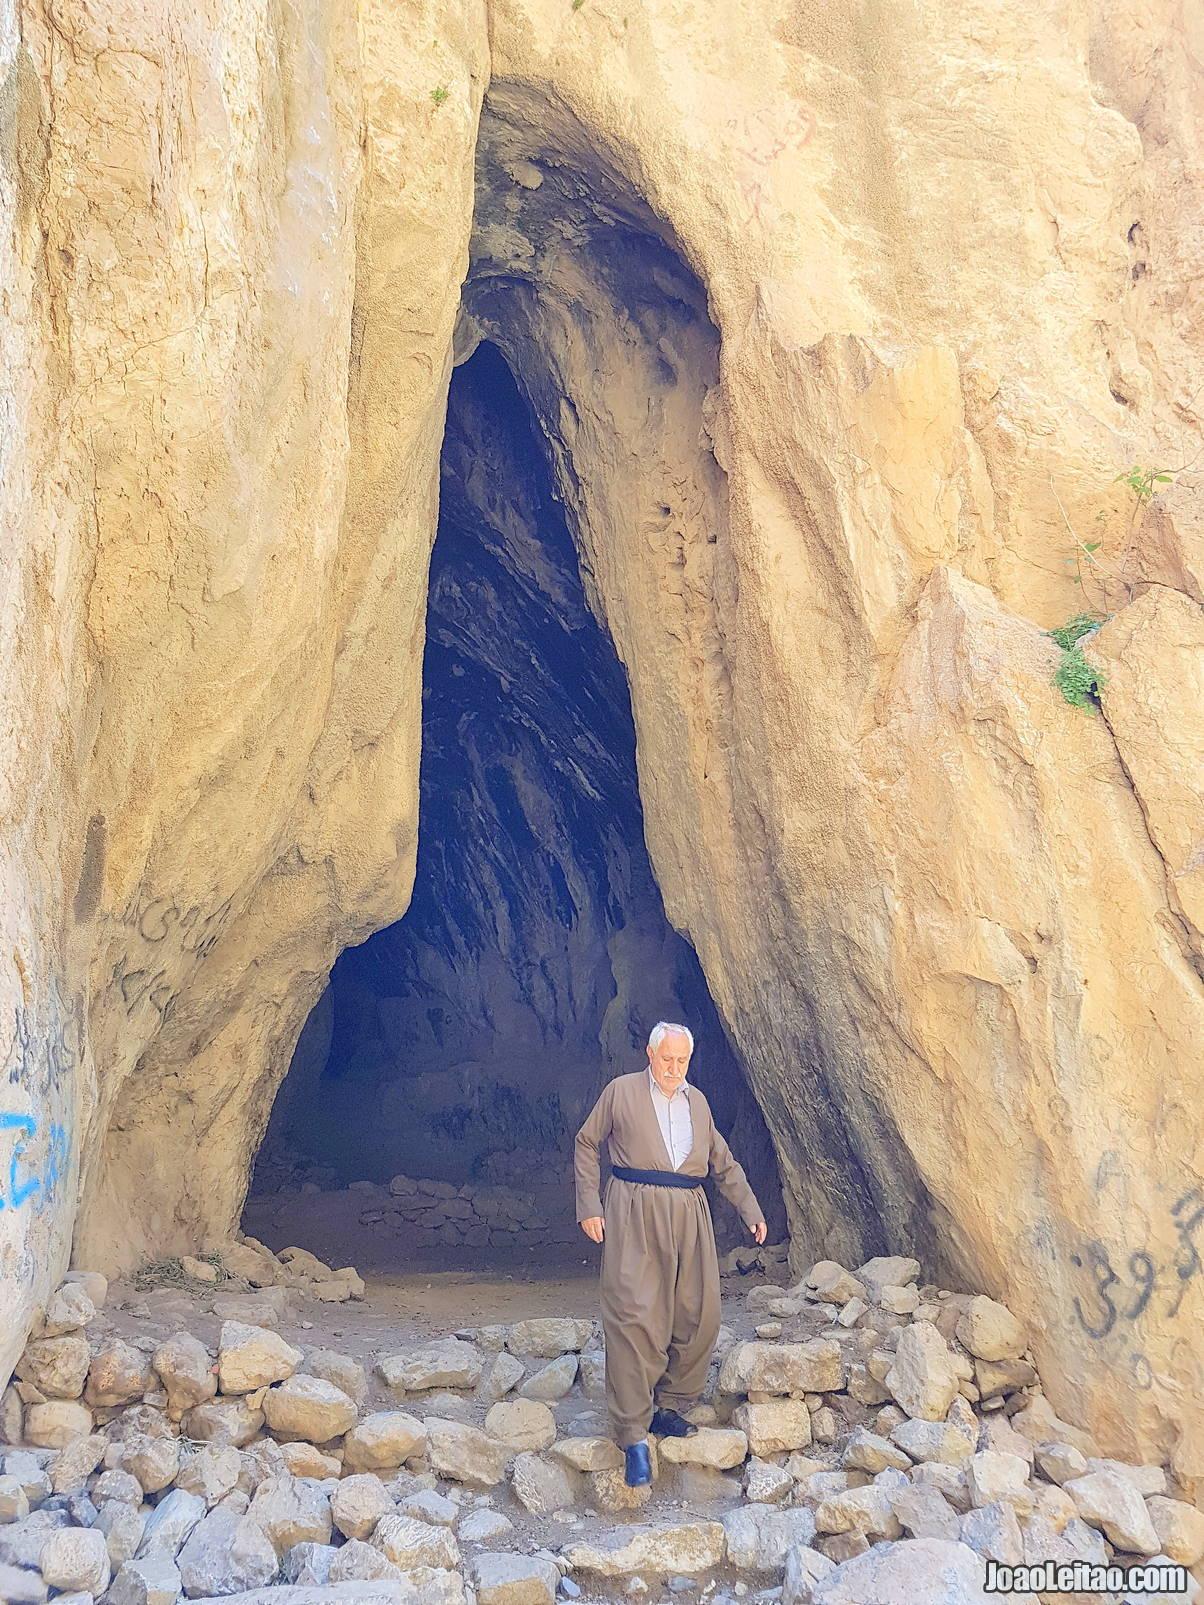 Visit Jasna Cave in Iraqi Kurdistan